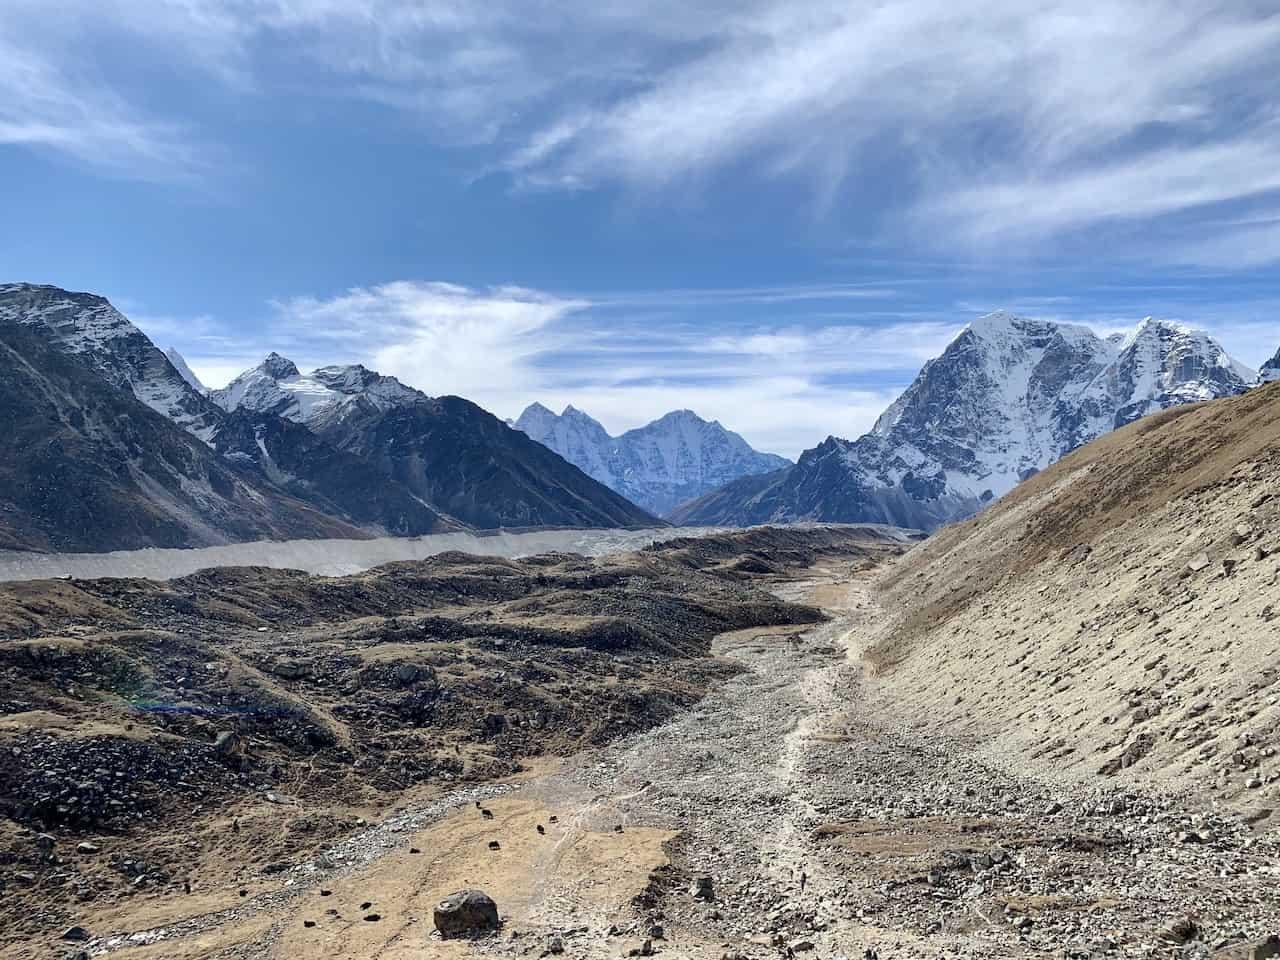 Gorak Shep to Lobuche Khumbu